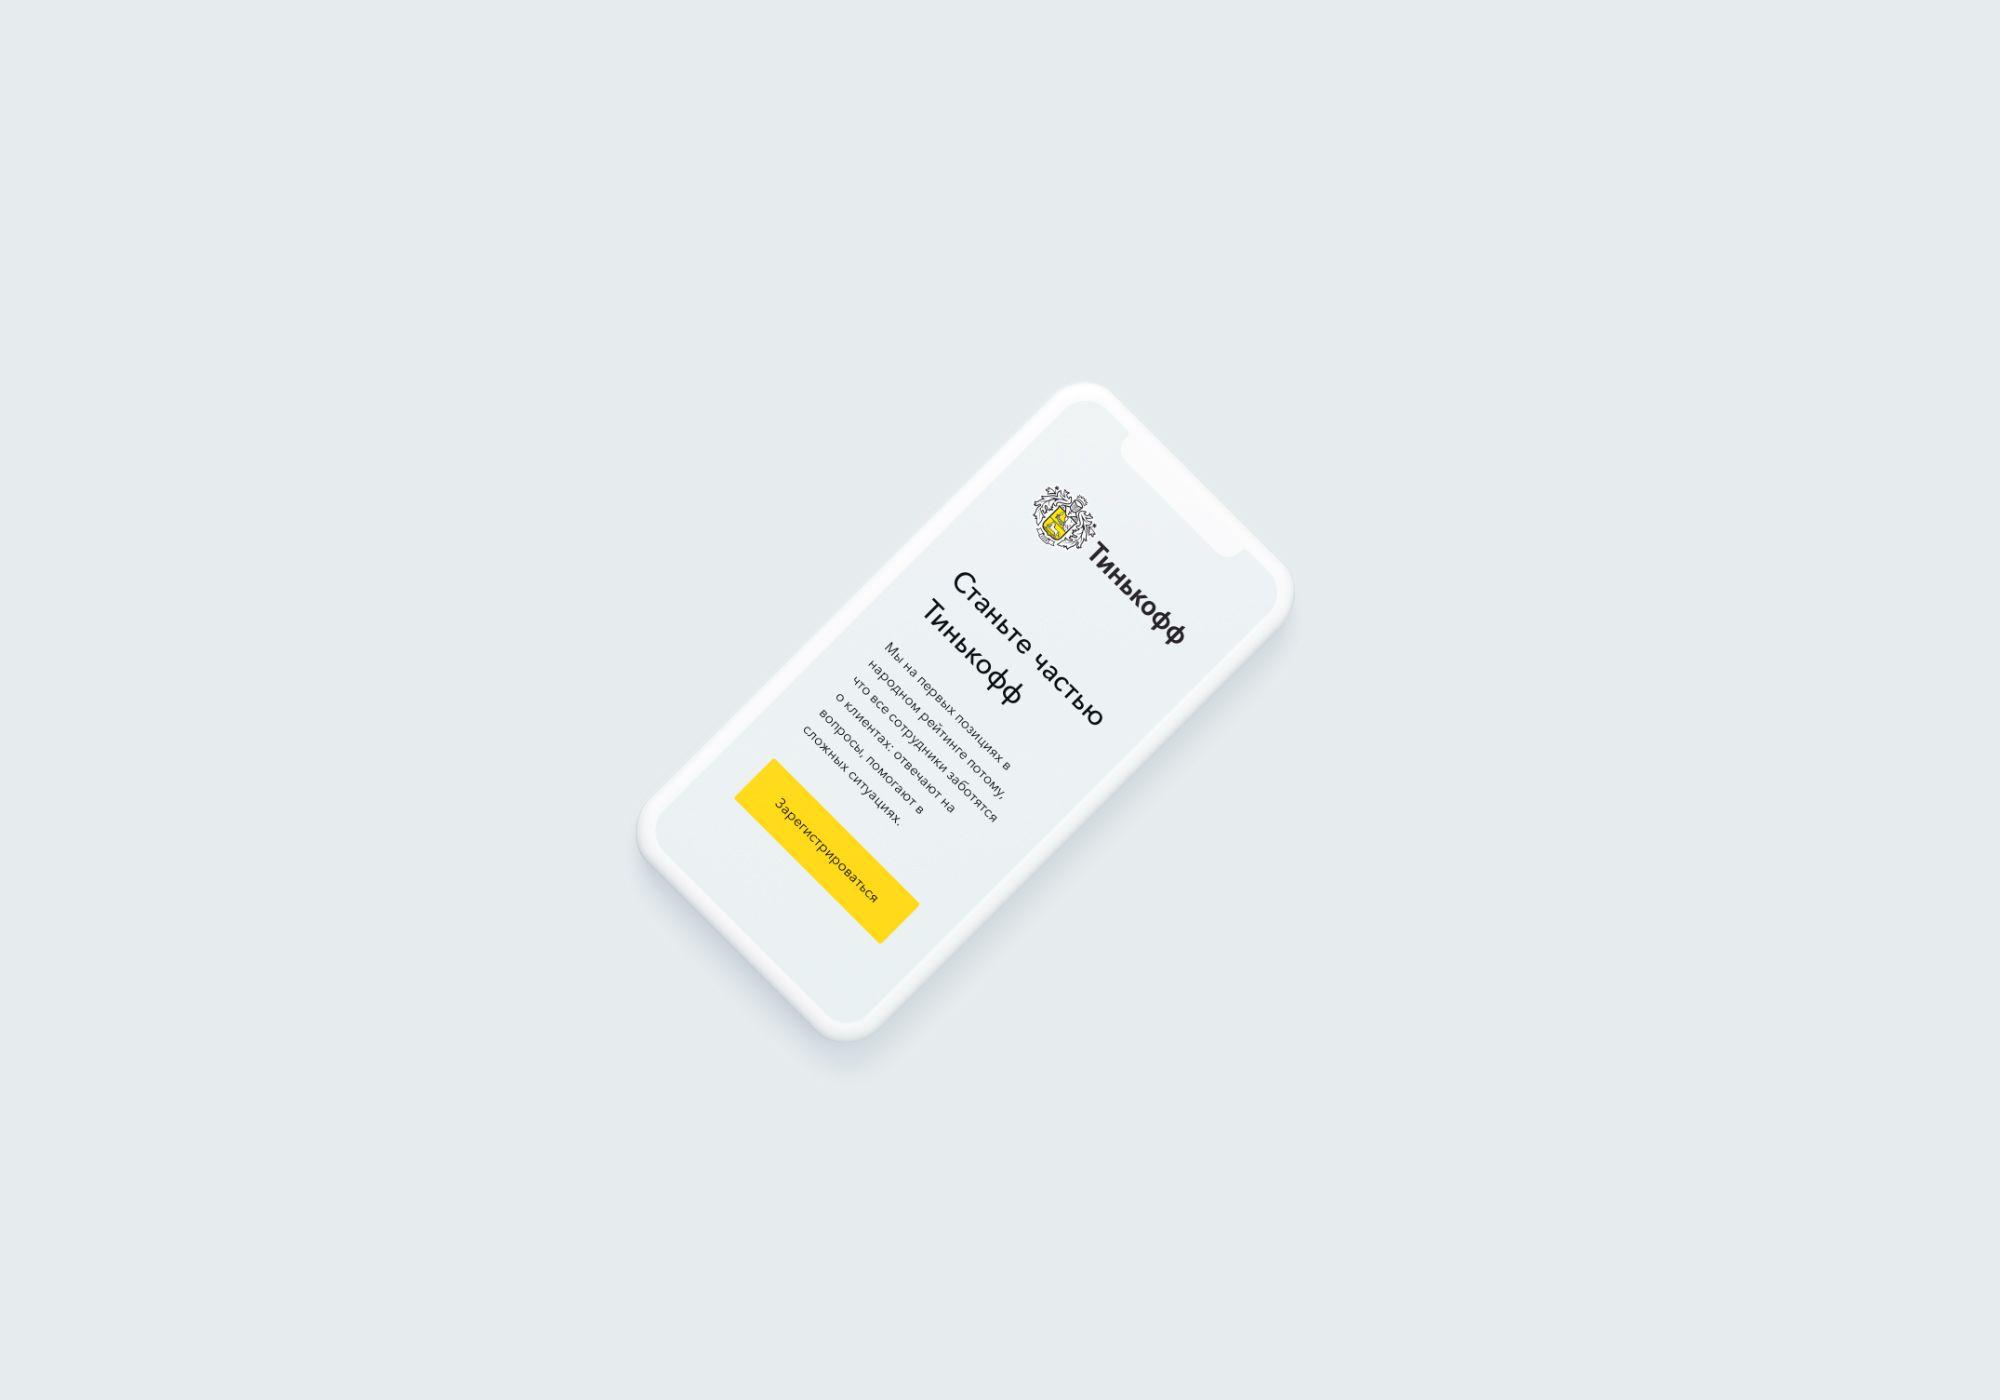 Landing page для Тинькофф Работа - дизайнер Ninpo